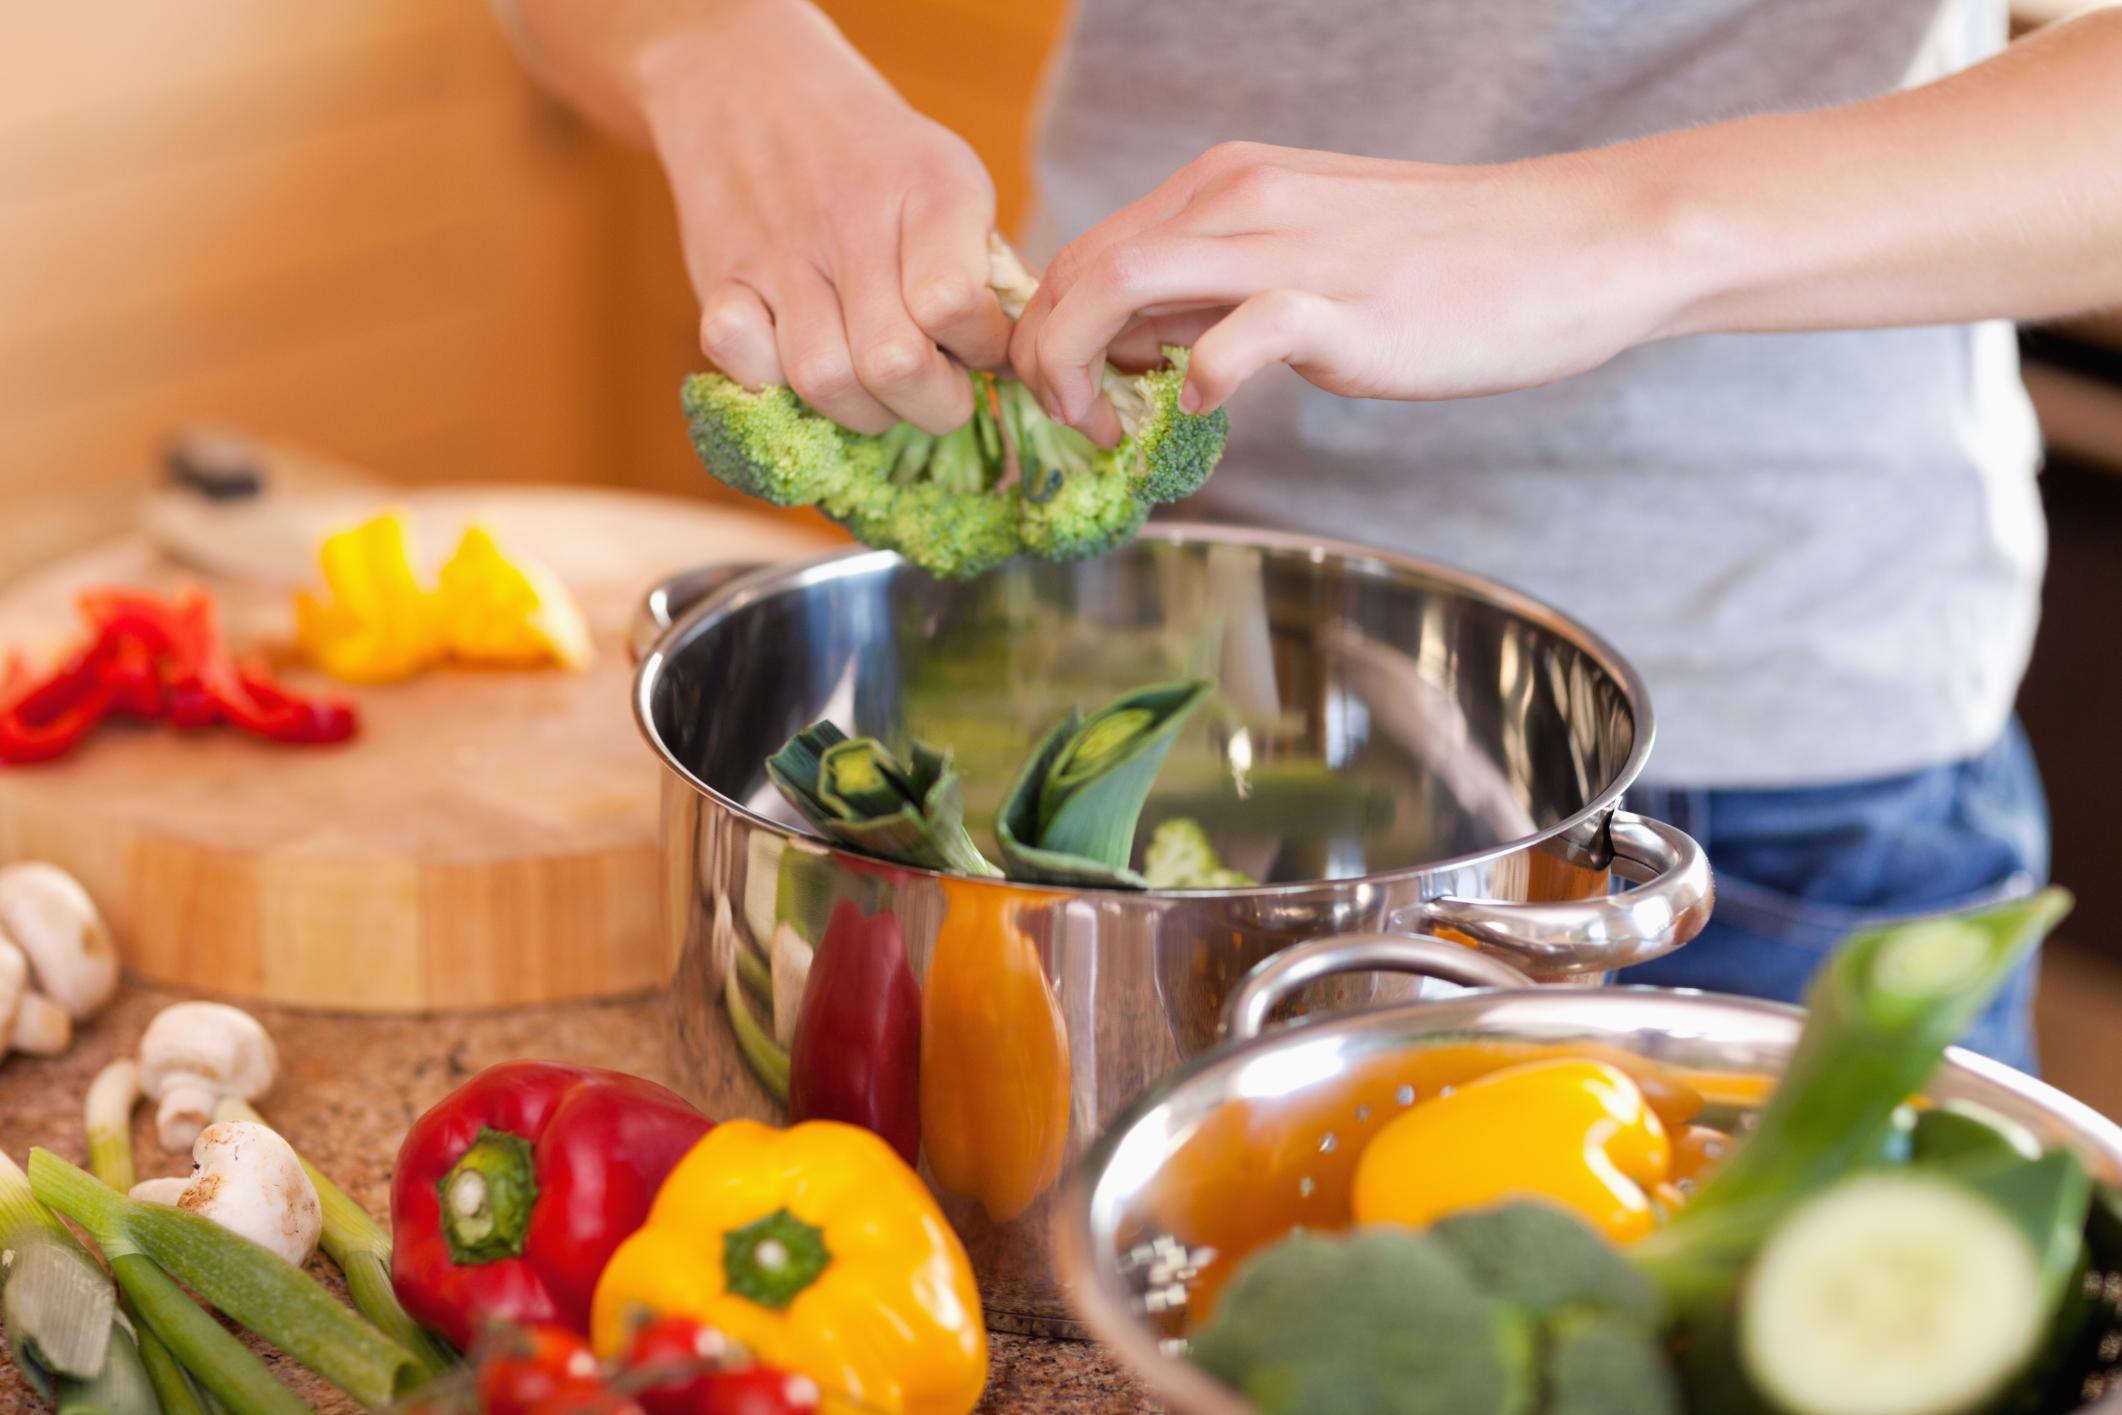 Tự chế biến món ăn nhằm giữ được dinh dưỡng trọn vẹn